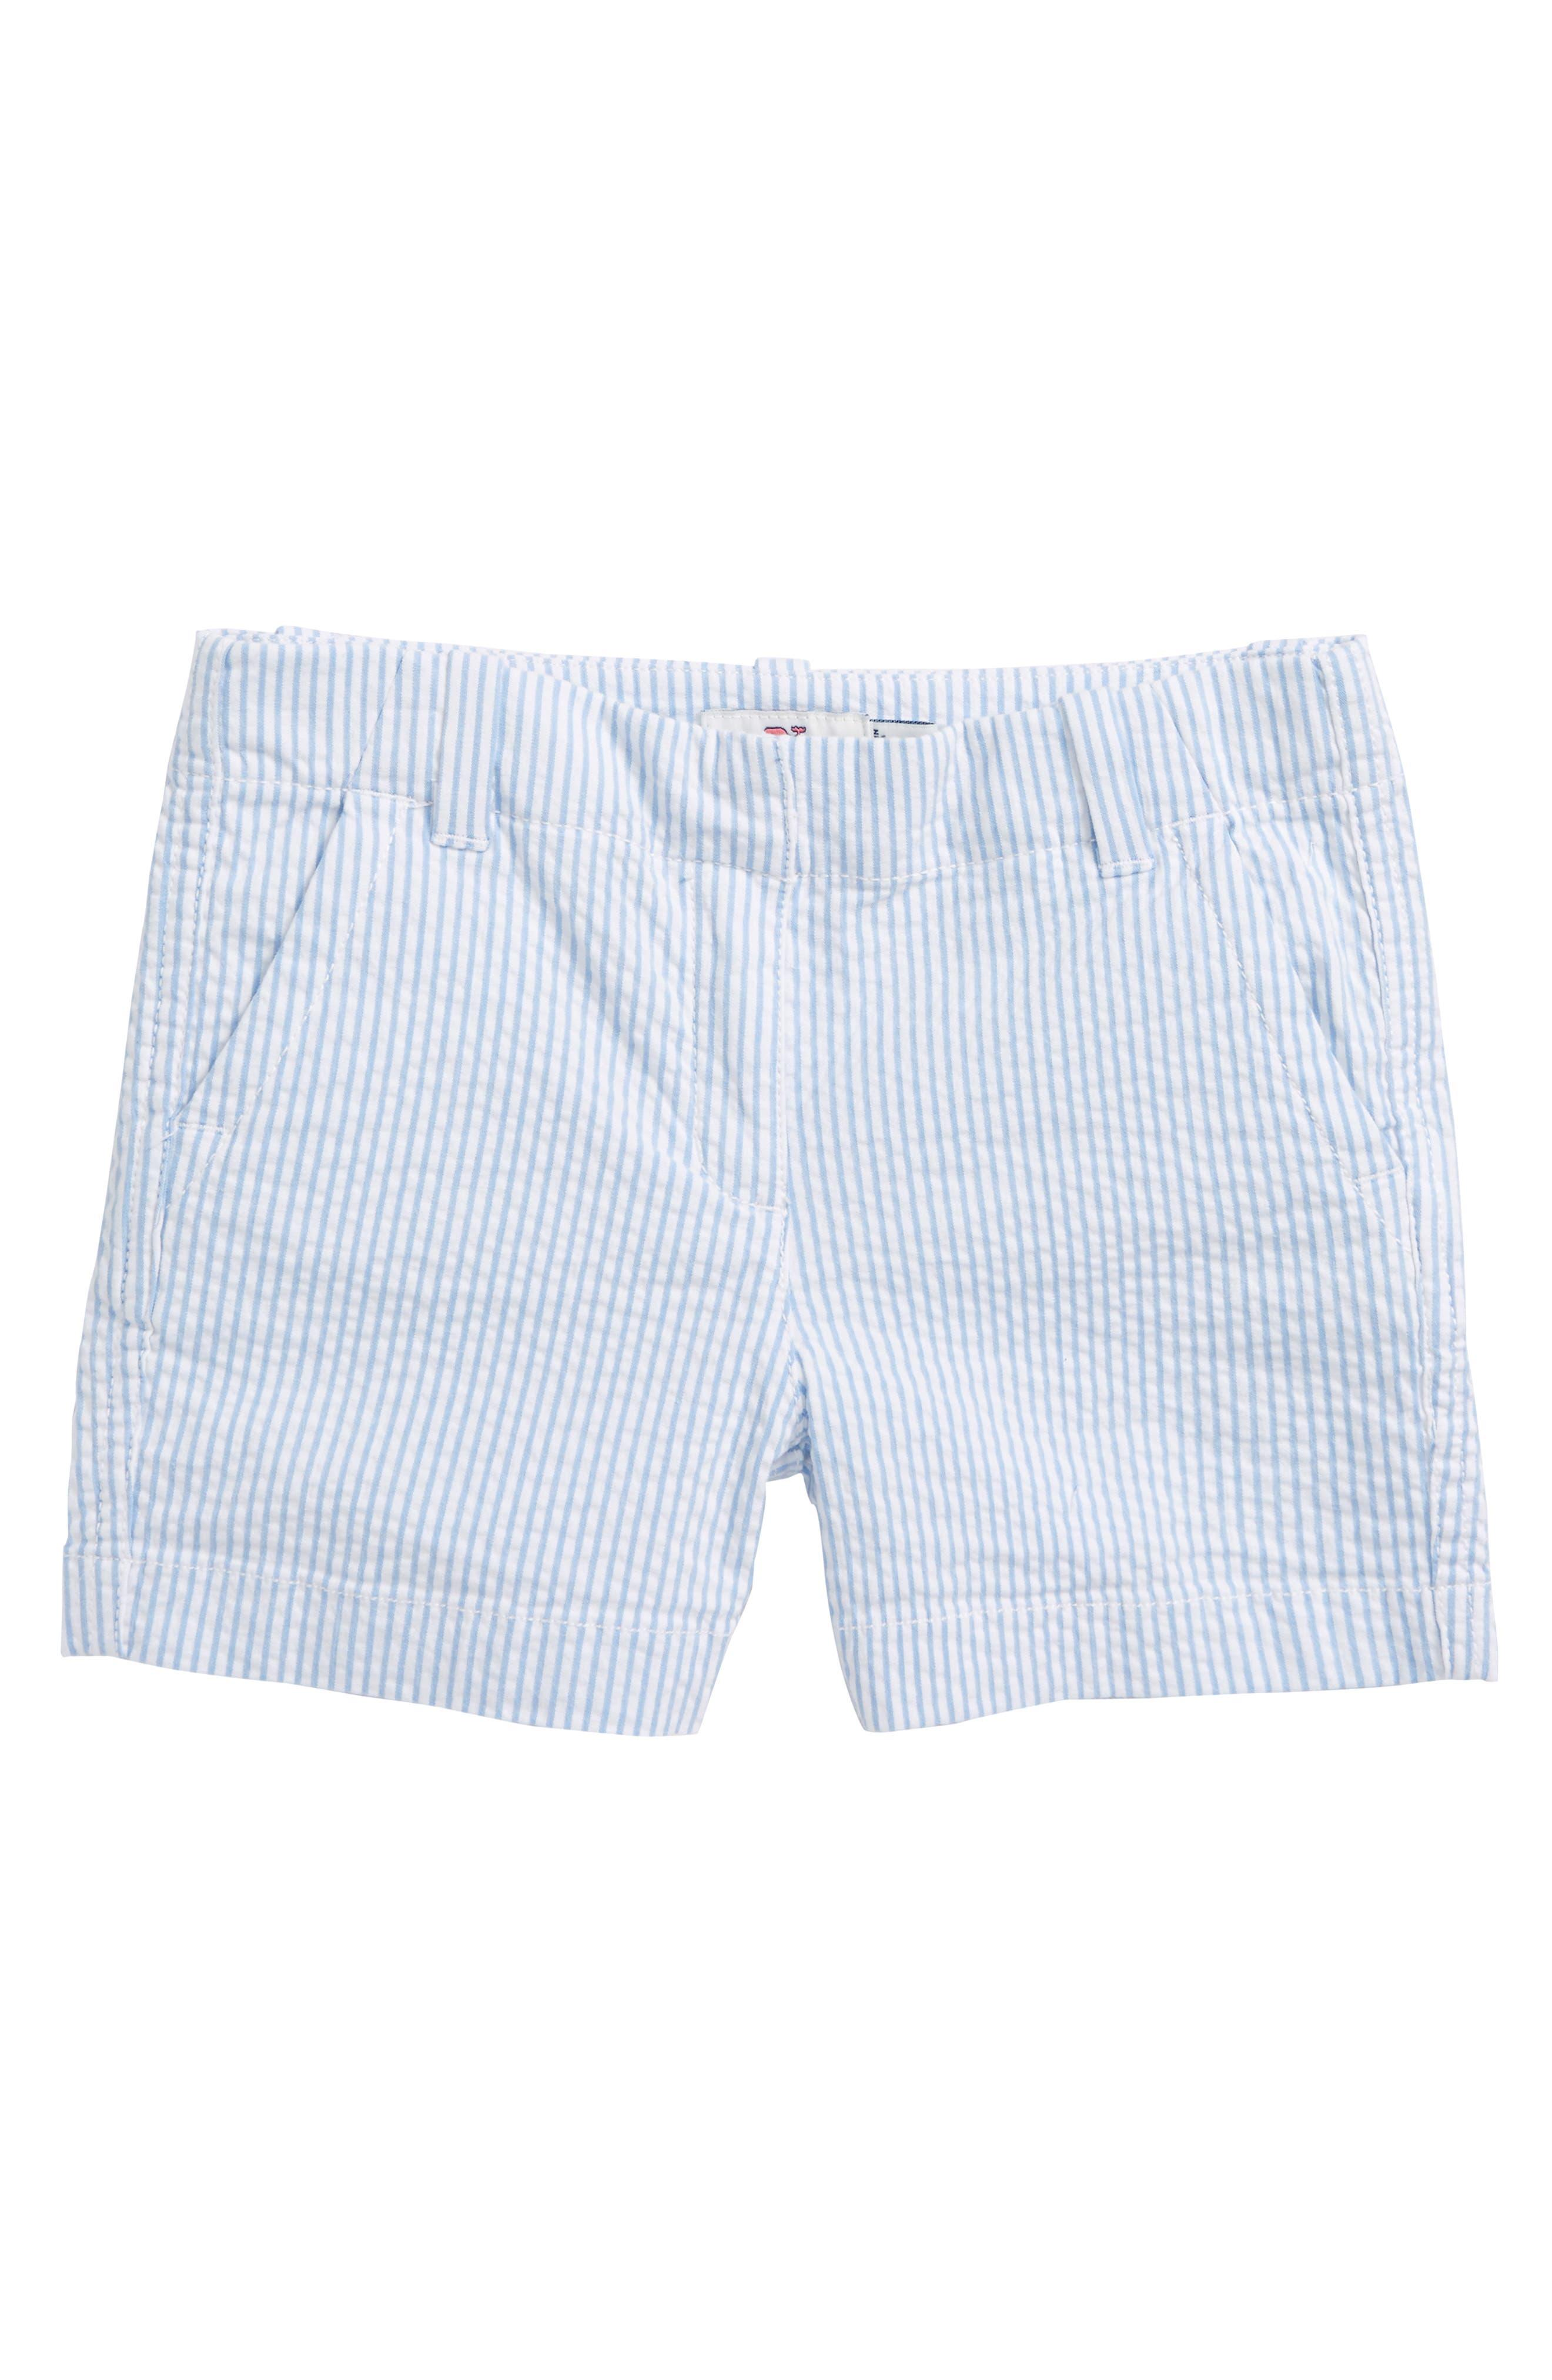 Seersucker Everyday Shorts,                         Main,                         color, Ocean Breeze